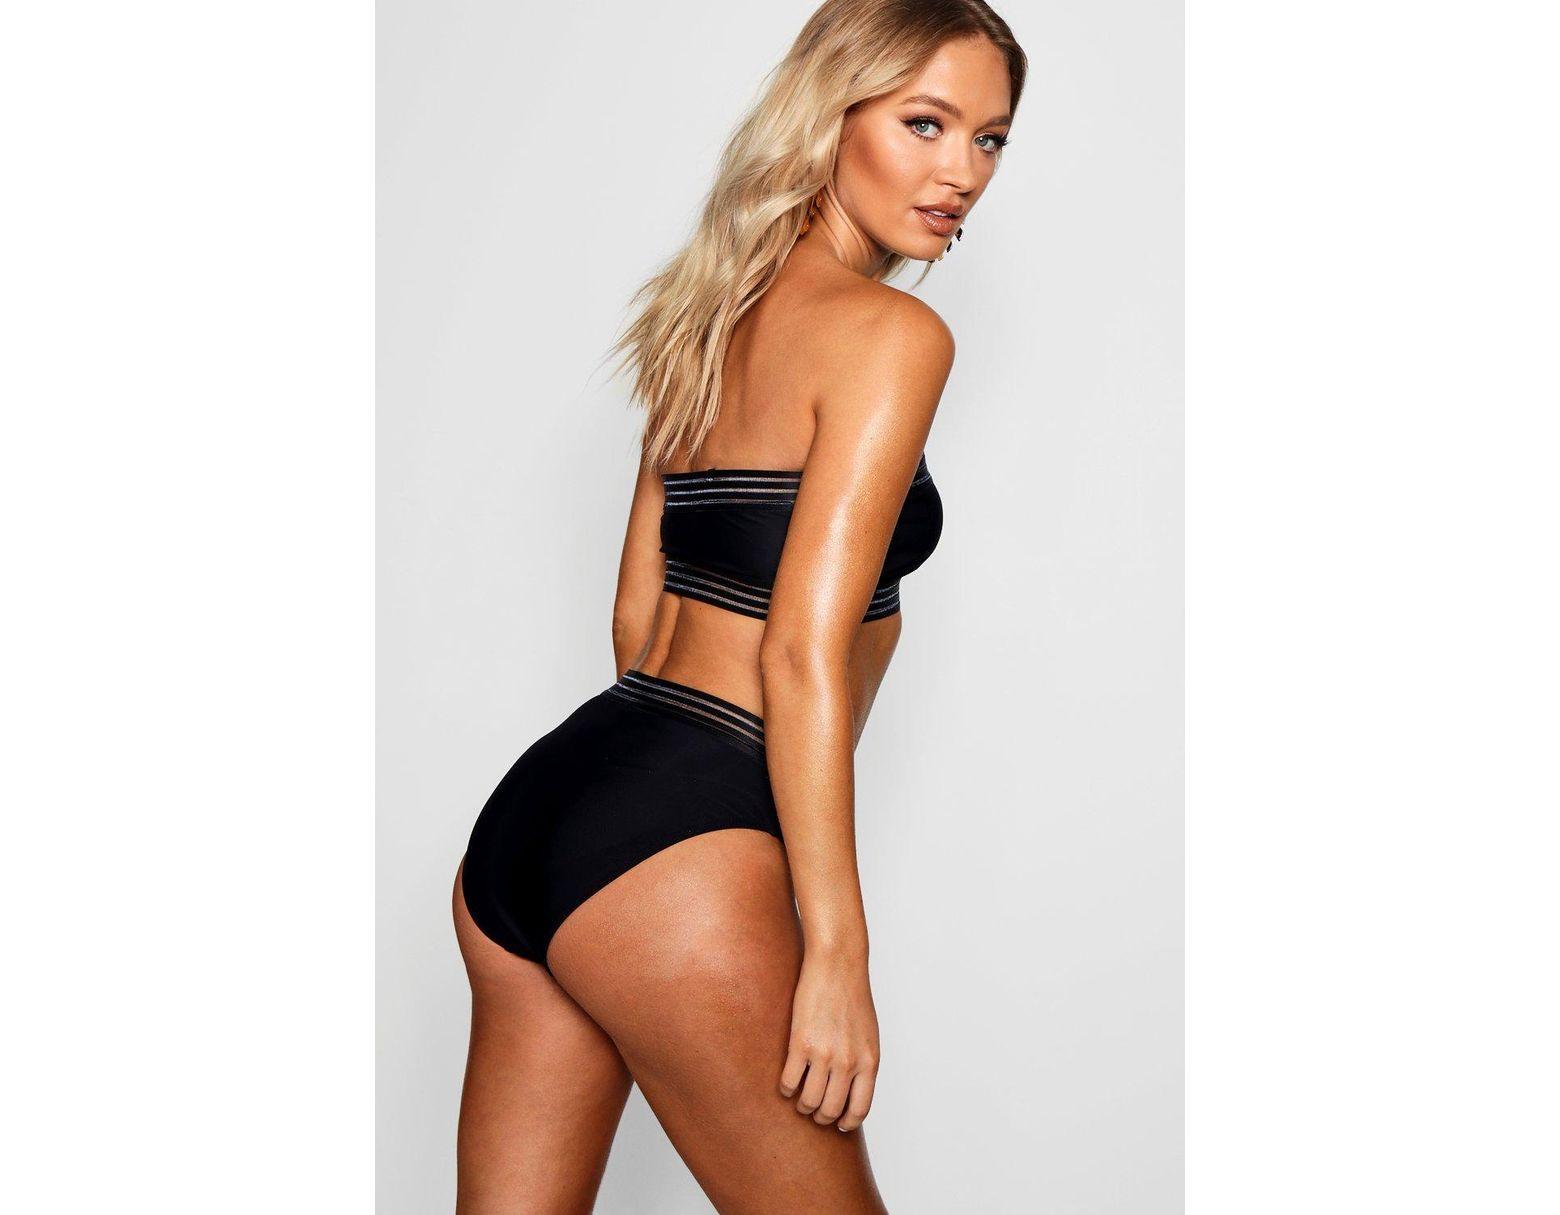 d4a87eb23ffff Boohoo Cape Verde Mesh Detail Bandeau High Waisted Bikini in Black - Lyst